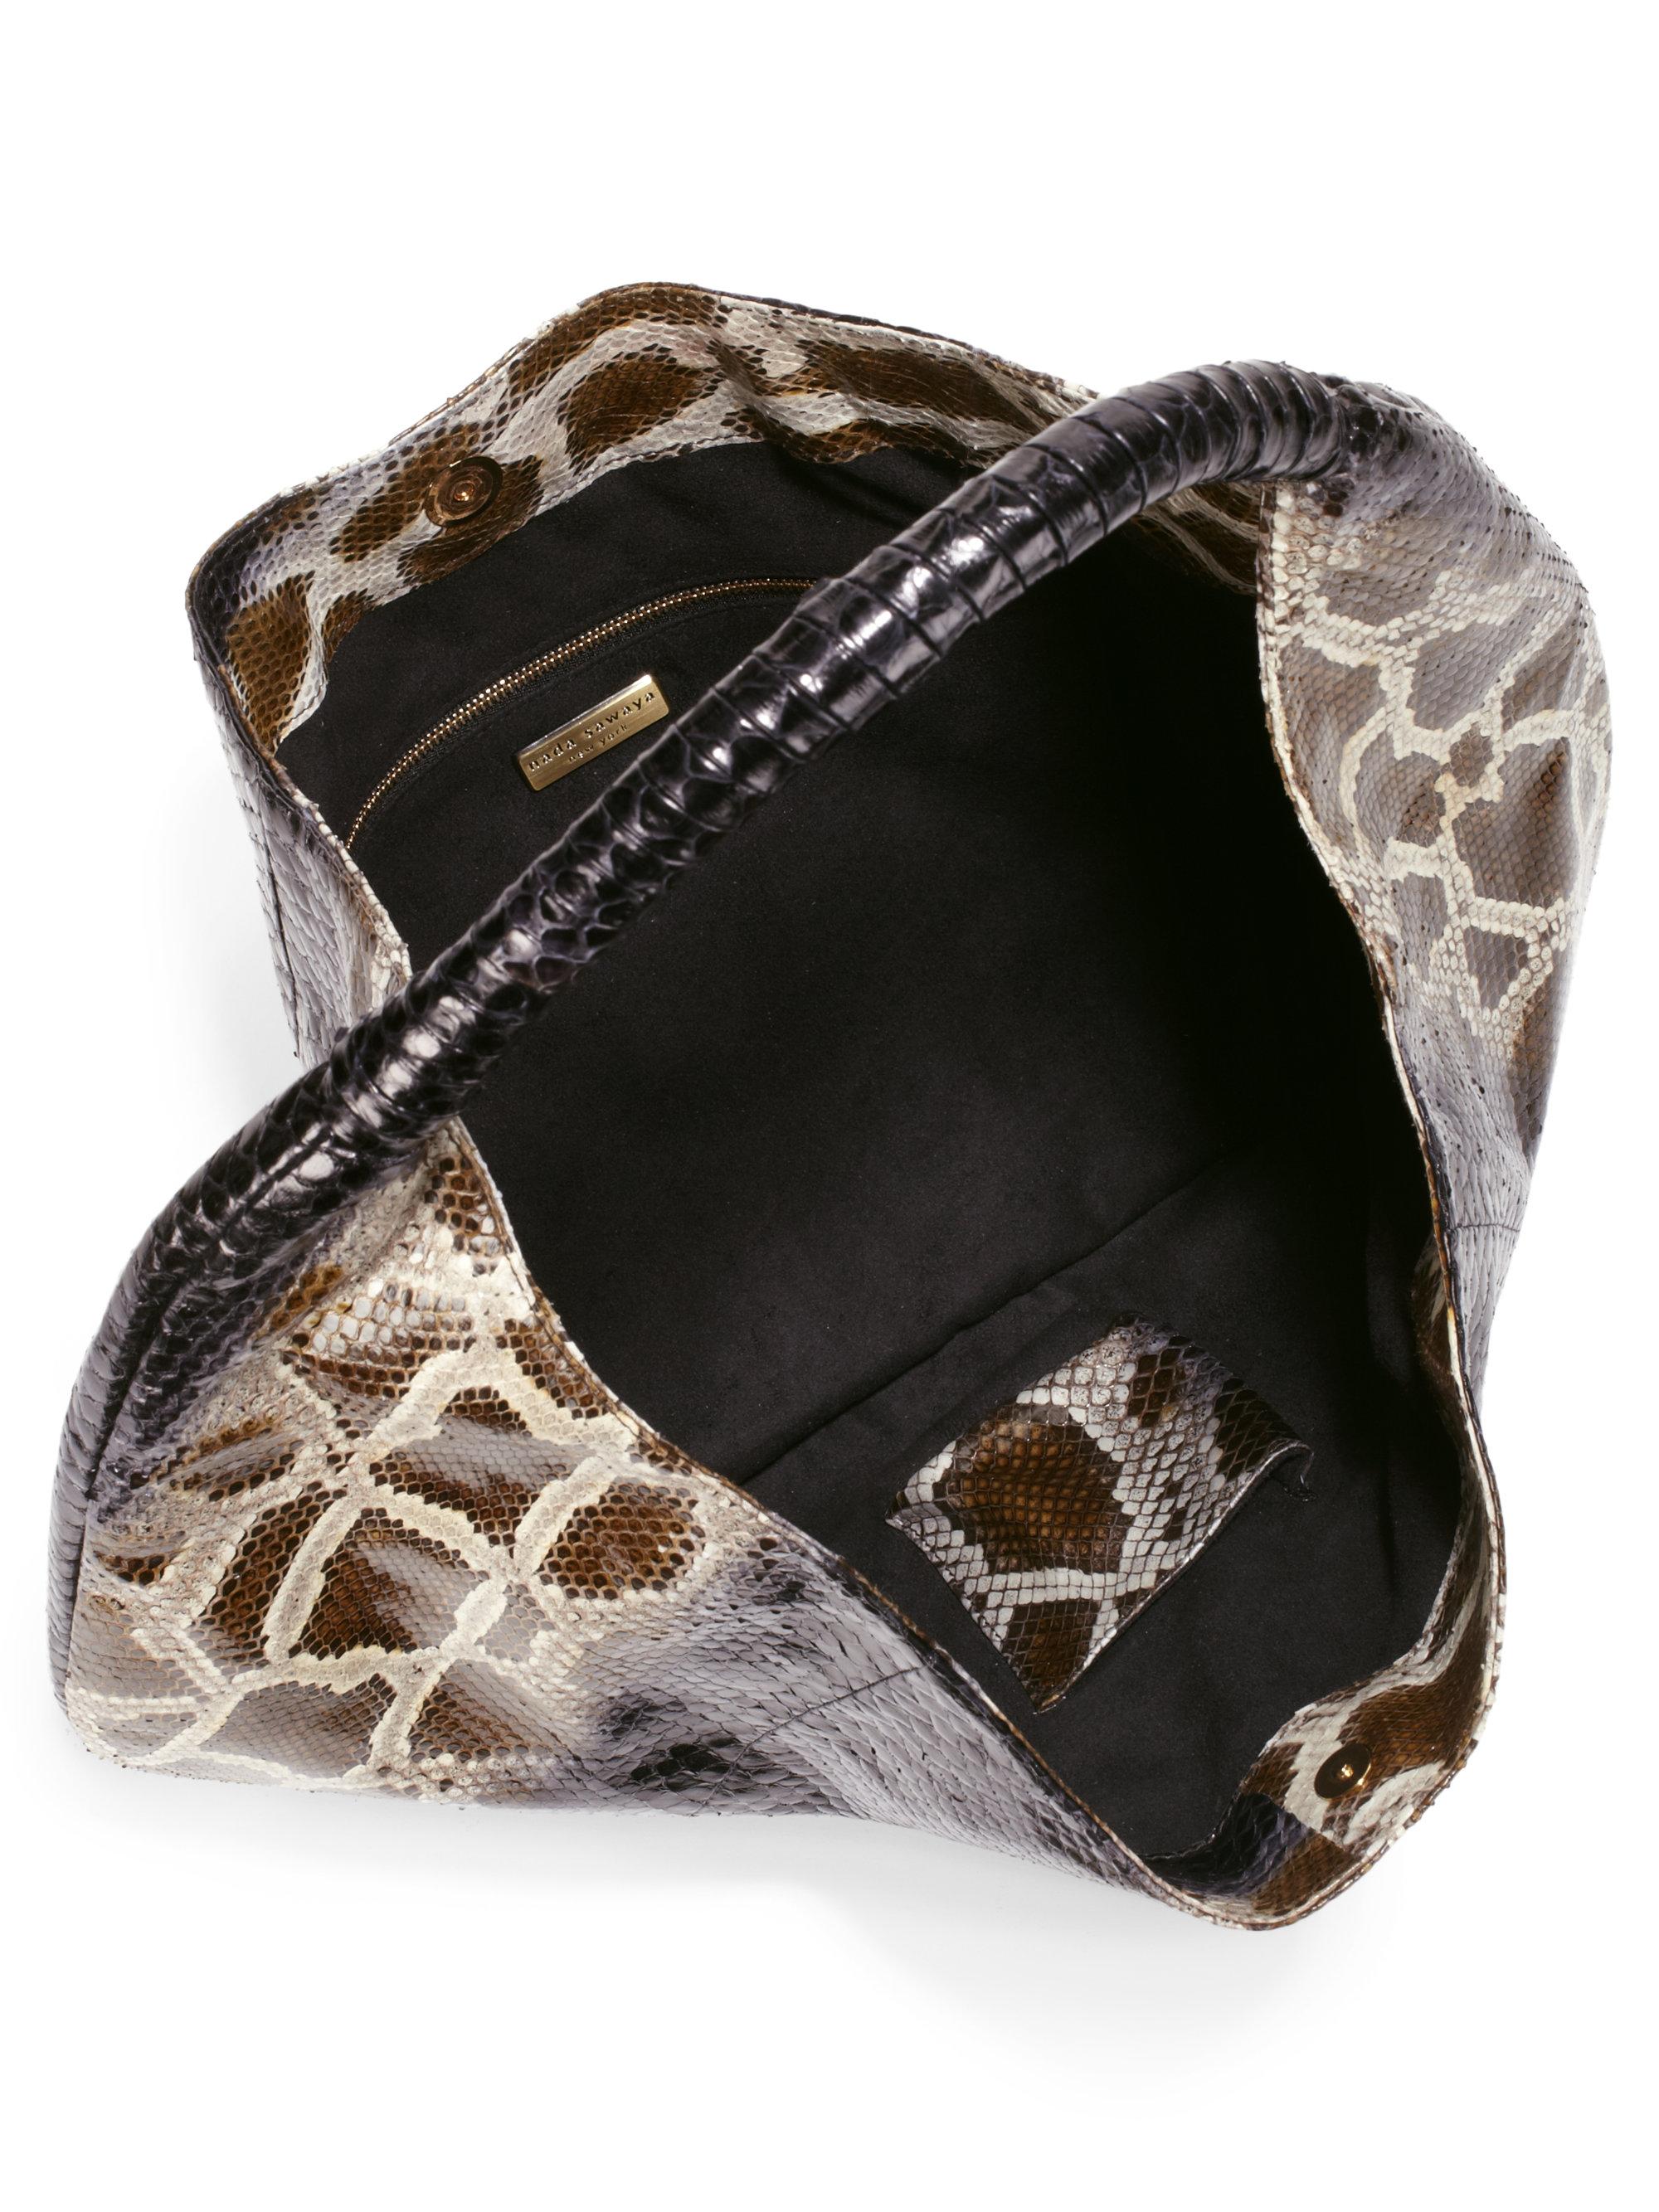 navy blue prada handbag - prada python multipocket hobo, prada handbags replica sale